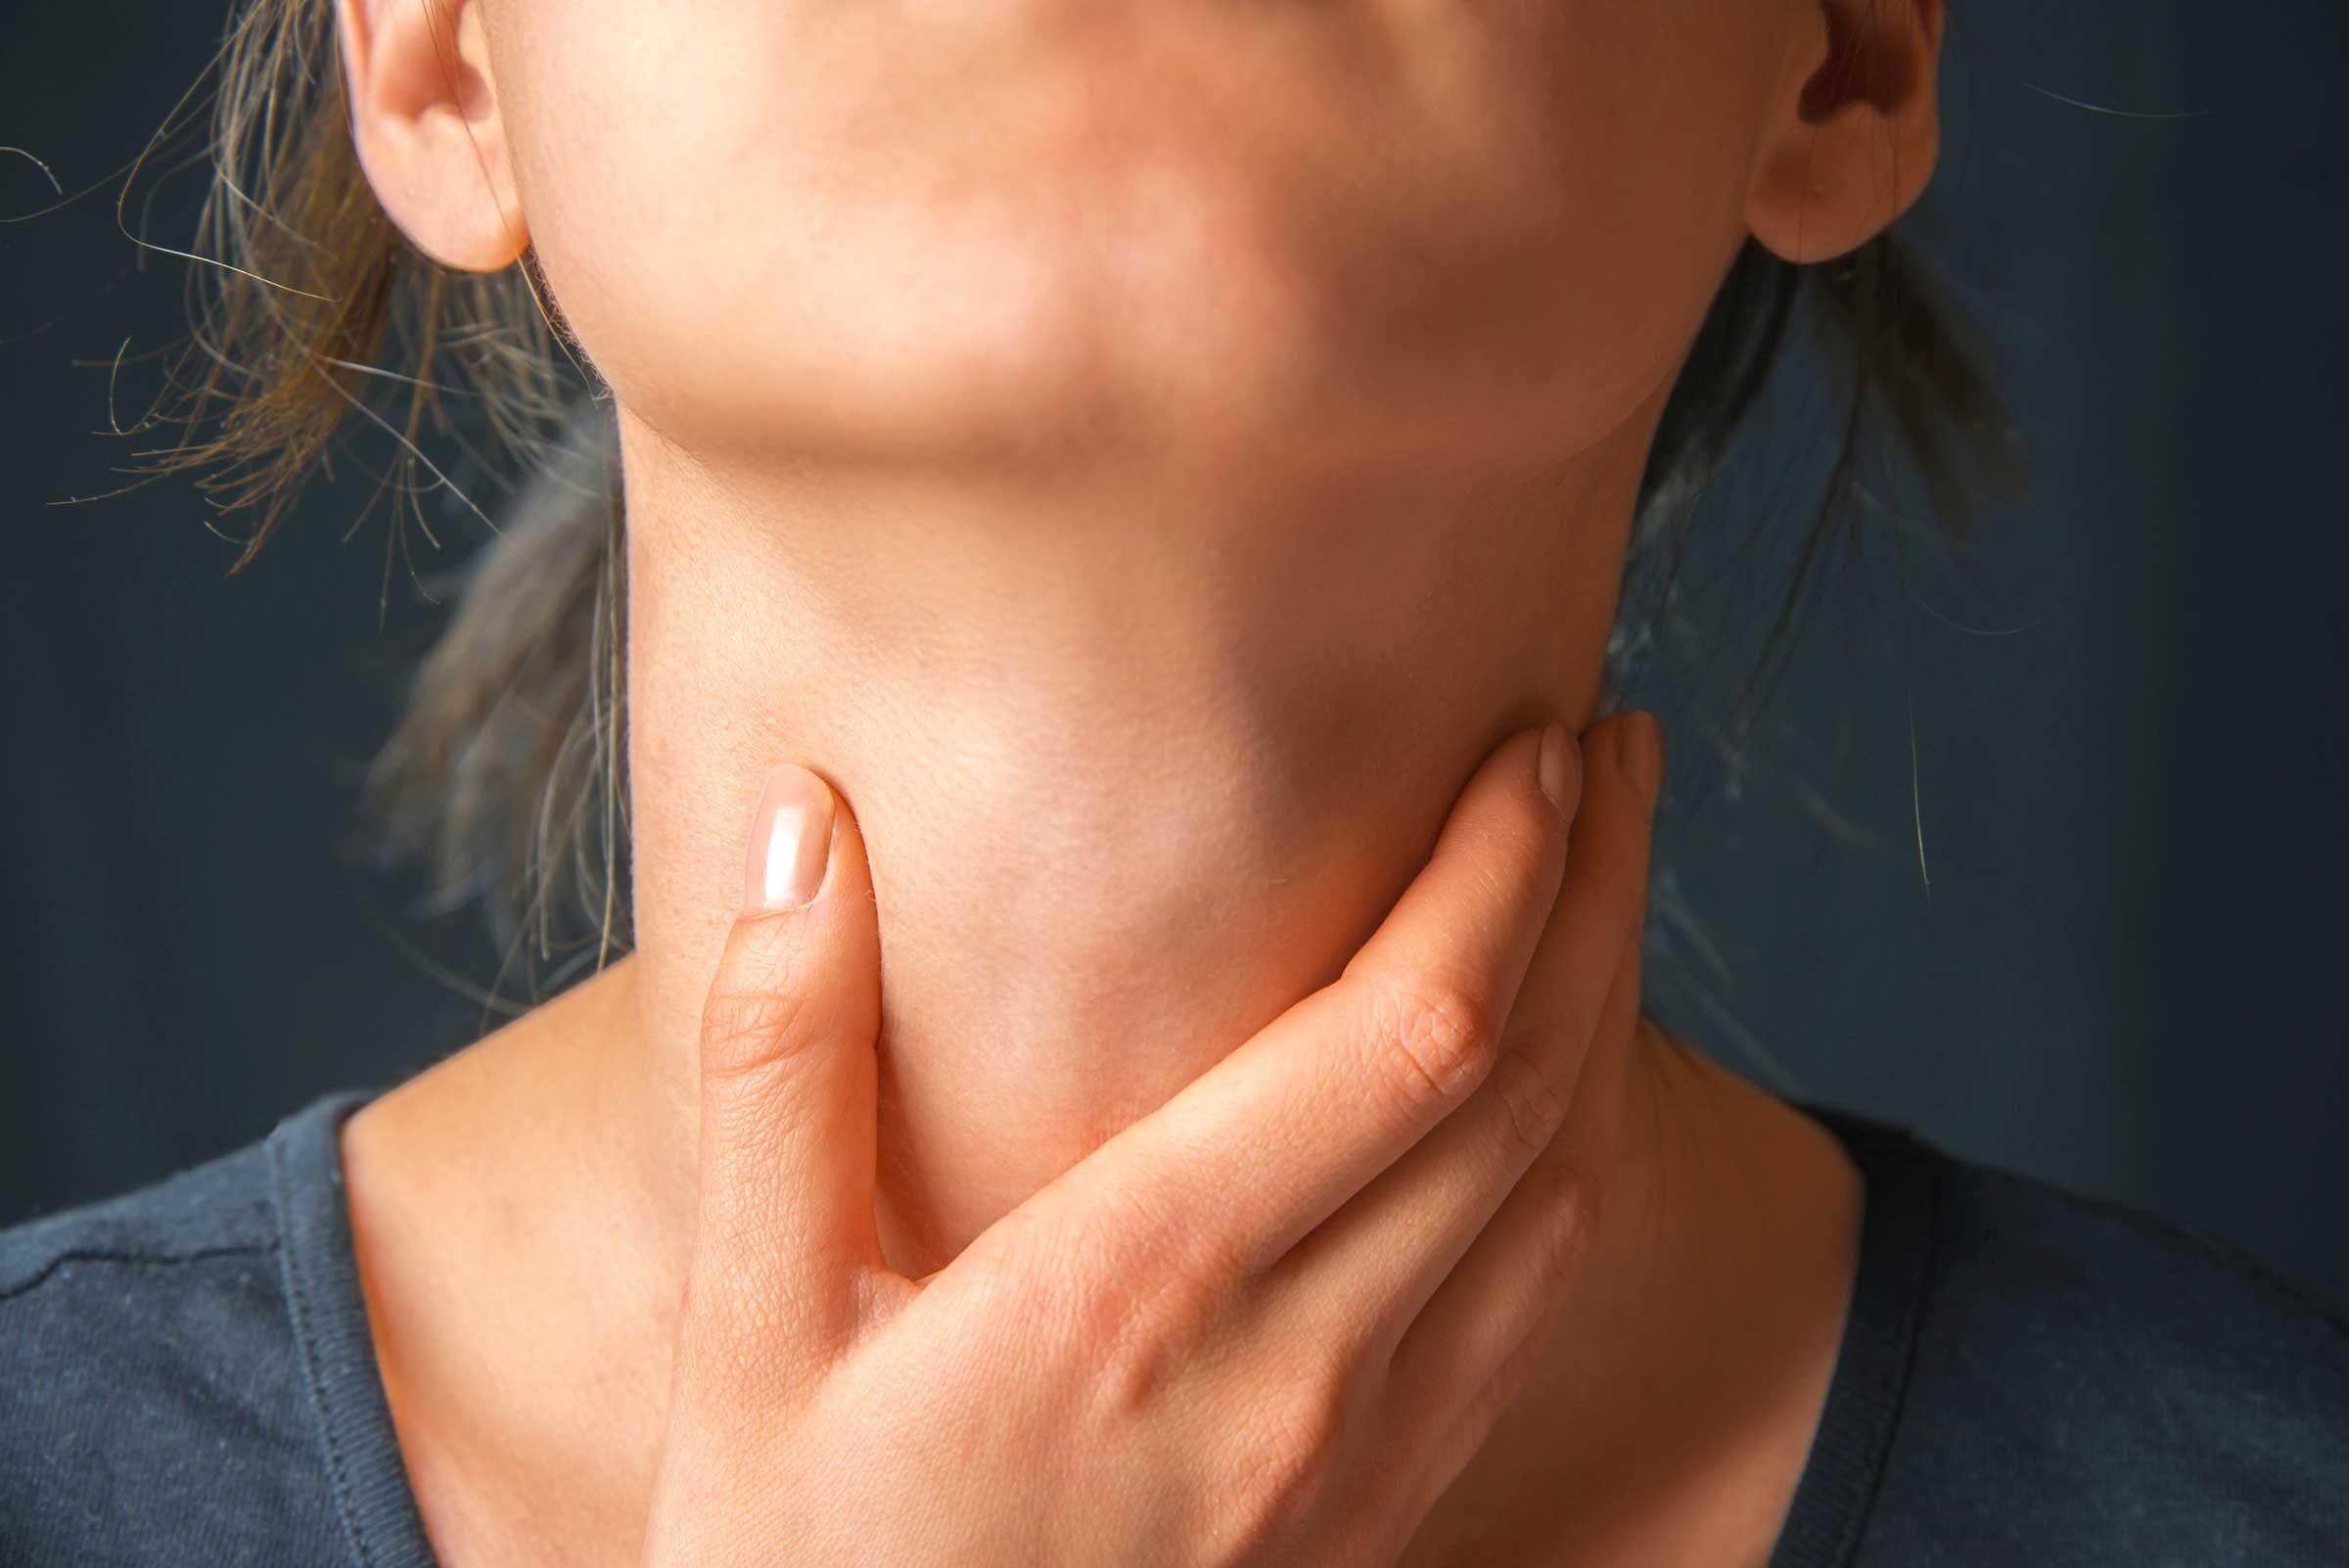 La difficulté à avaler peut être signe de reflux gastro-oesophagien.